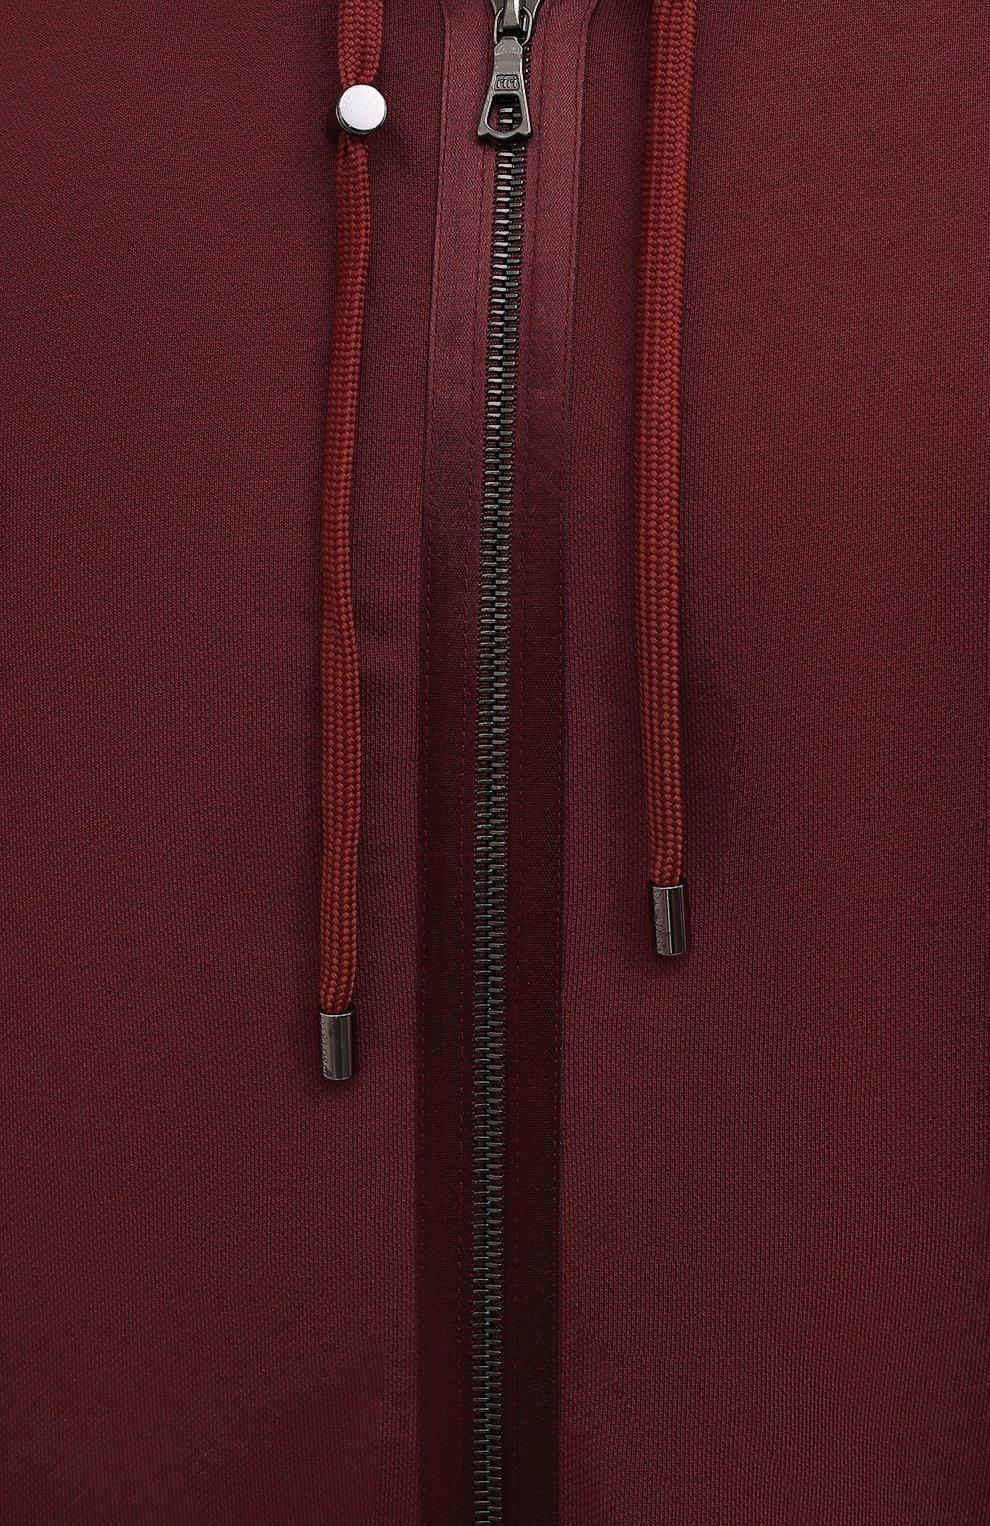 Мужской хлопковая толстовка LIMITATO бордового цвета, арт. TW0 T0NE/H00DIE ZIP | Фото 5 (Рукава: Длинные; Мужское Кросс-КТ: Толстовка-одежда; Длина (для топов): Стандартные; Материал внешний: Хлопок)